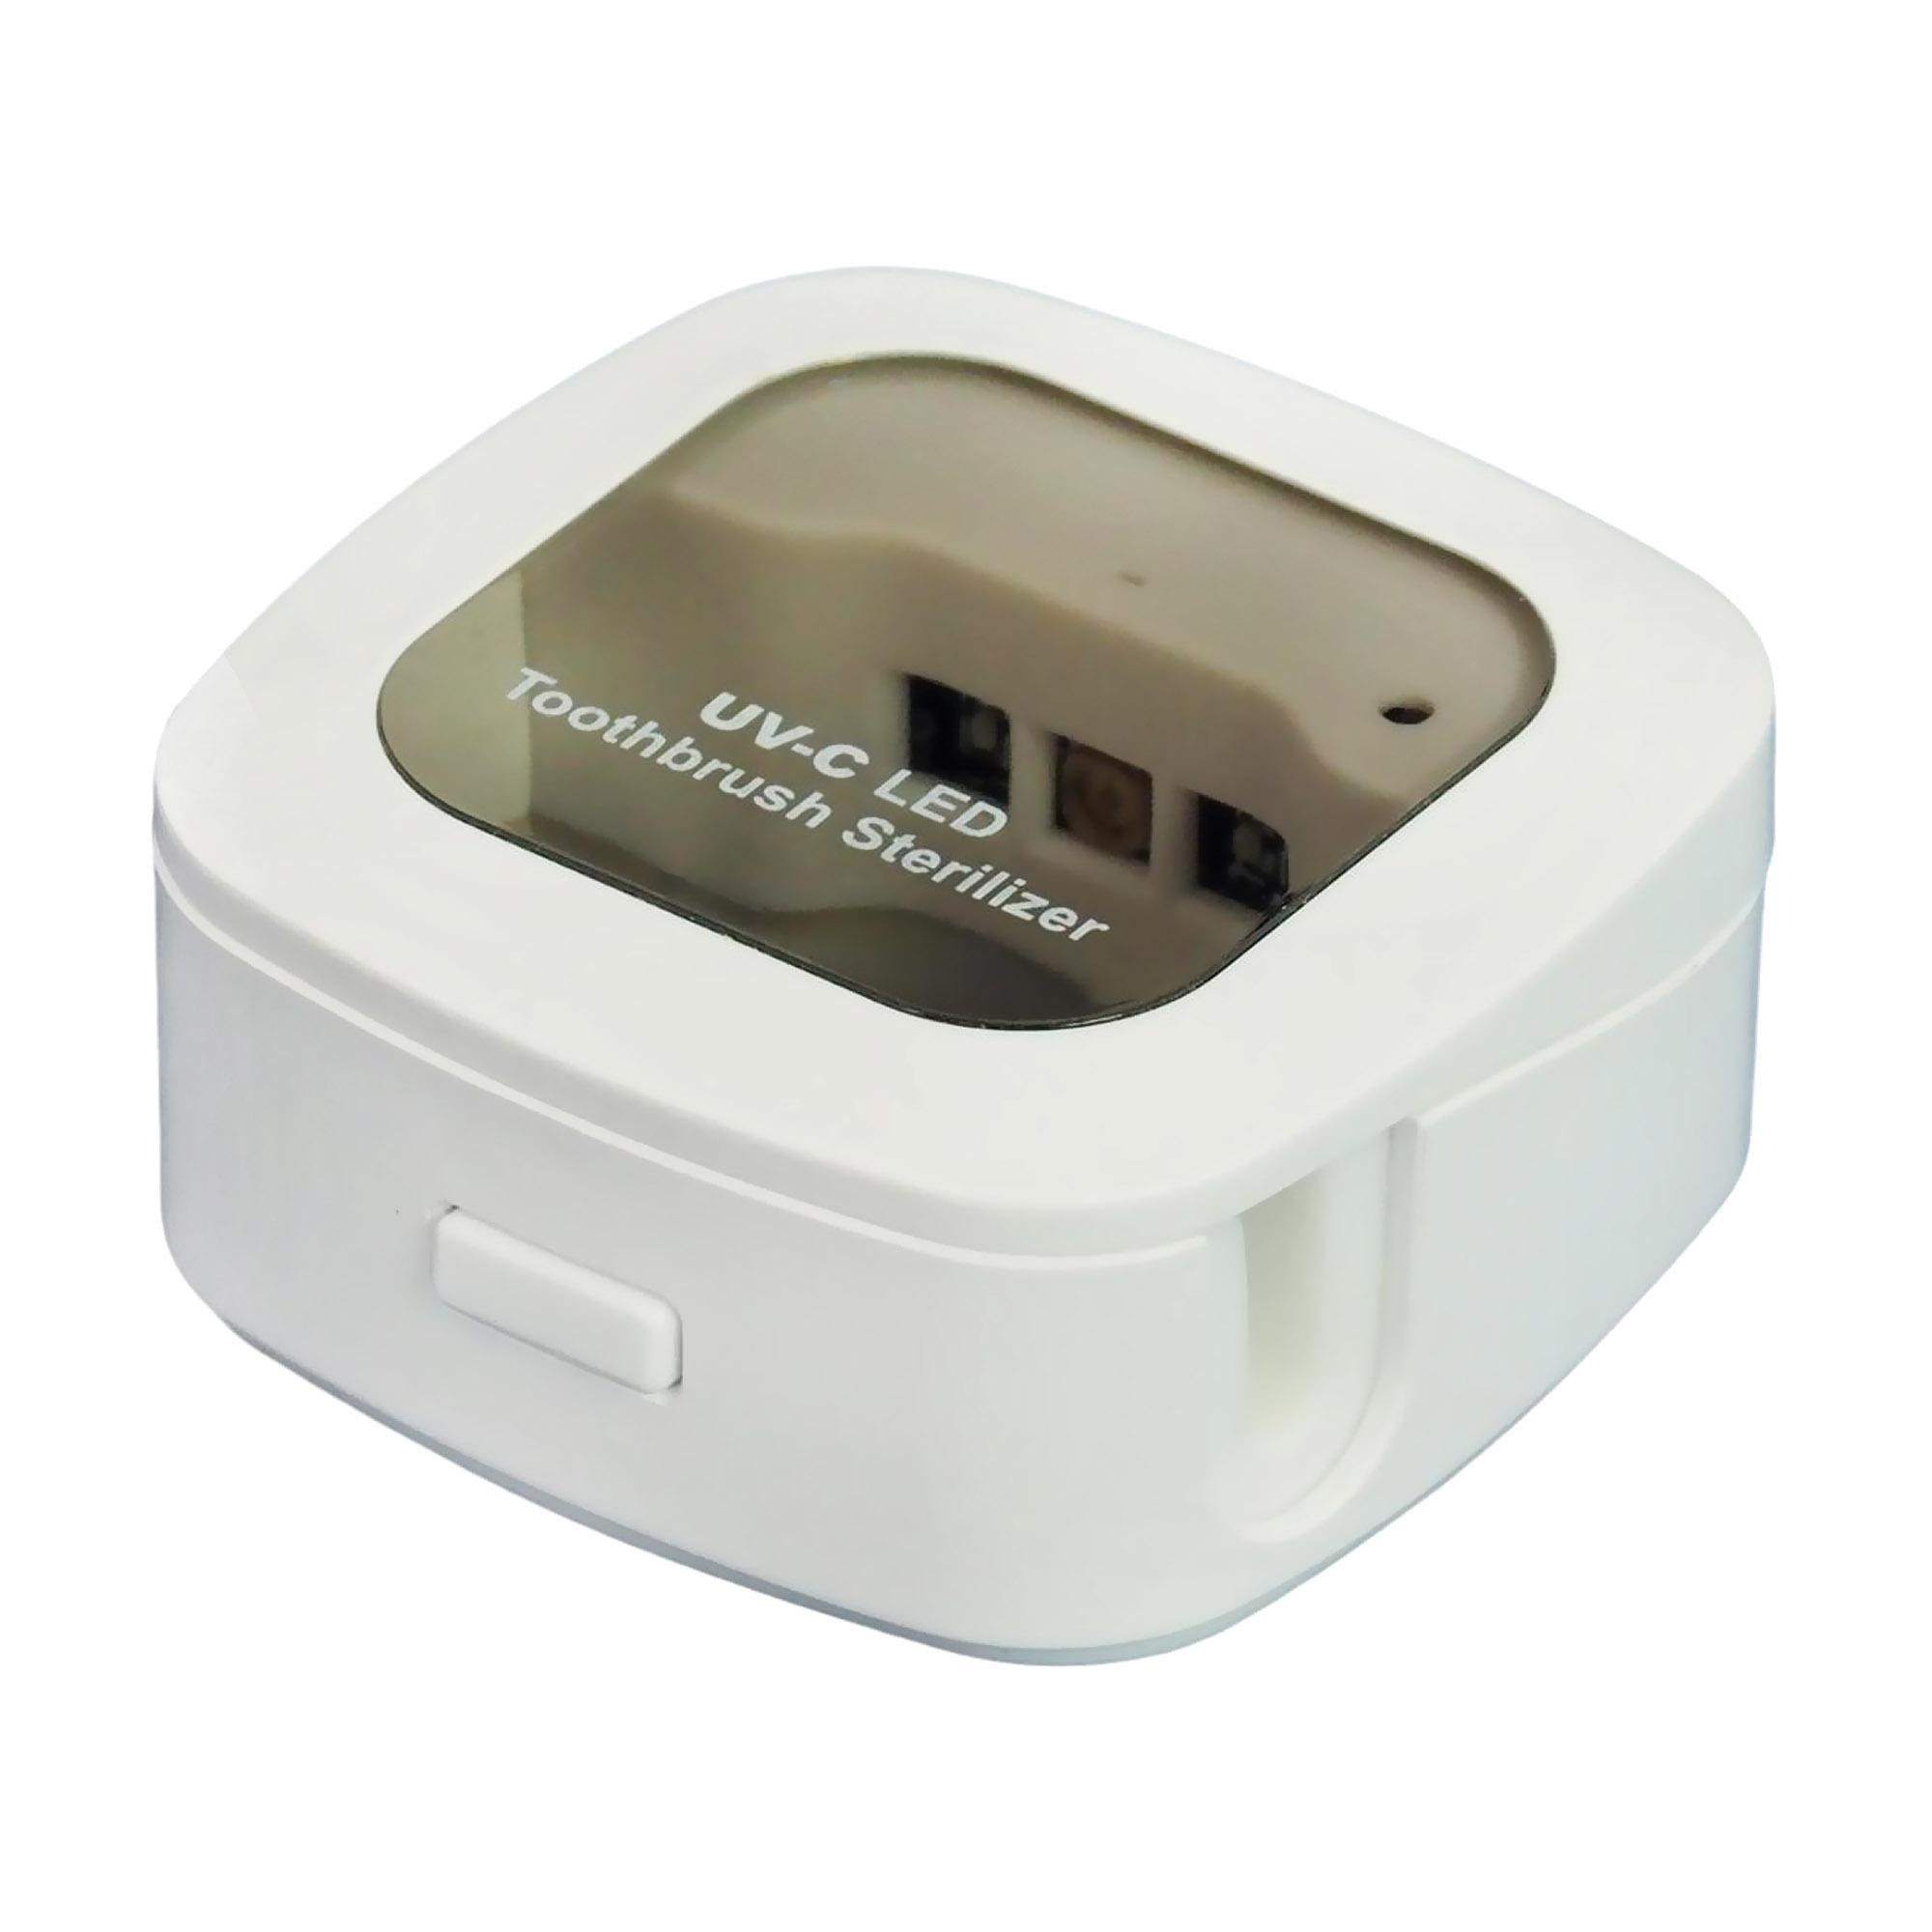 3分間で歯ブラシ徹底除菌 安心の3年保証 Steri 引き出物 Cube ステリキューブ 除菌ケース 除菌 歯ブラシ 充電式 コンパクトUV 最安値挑戦